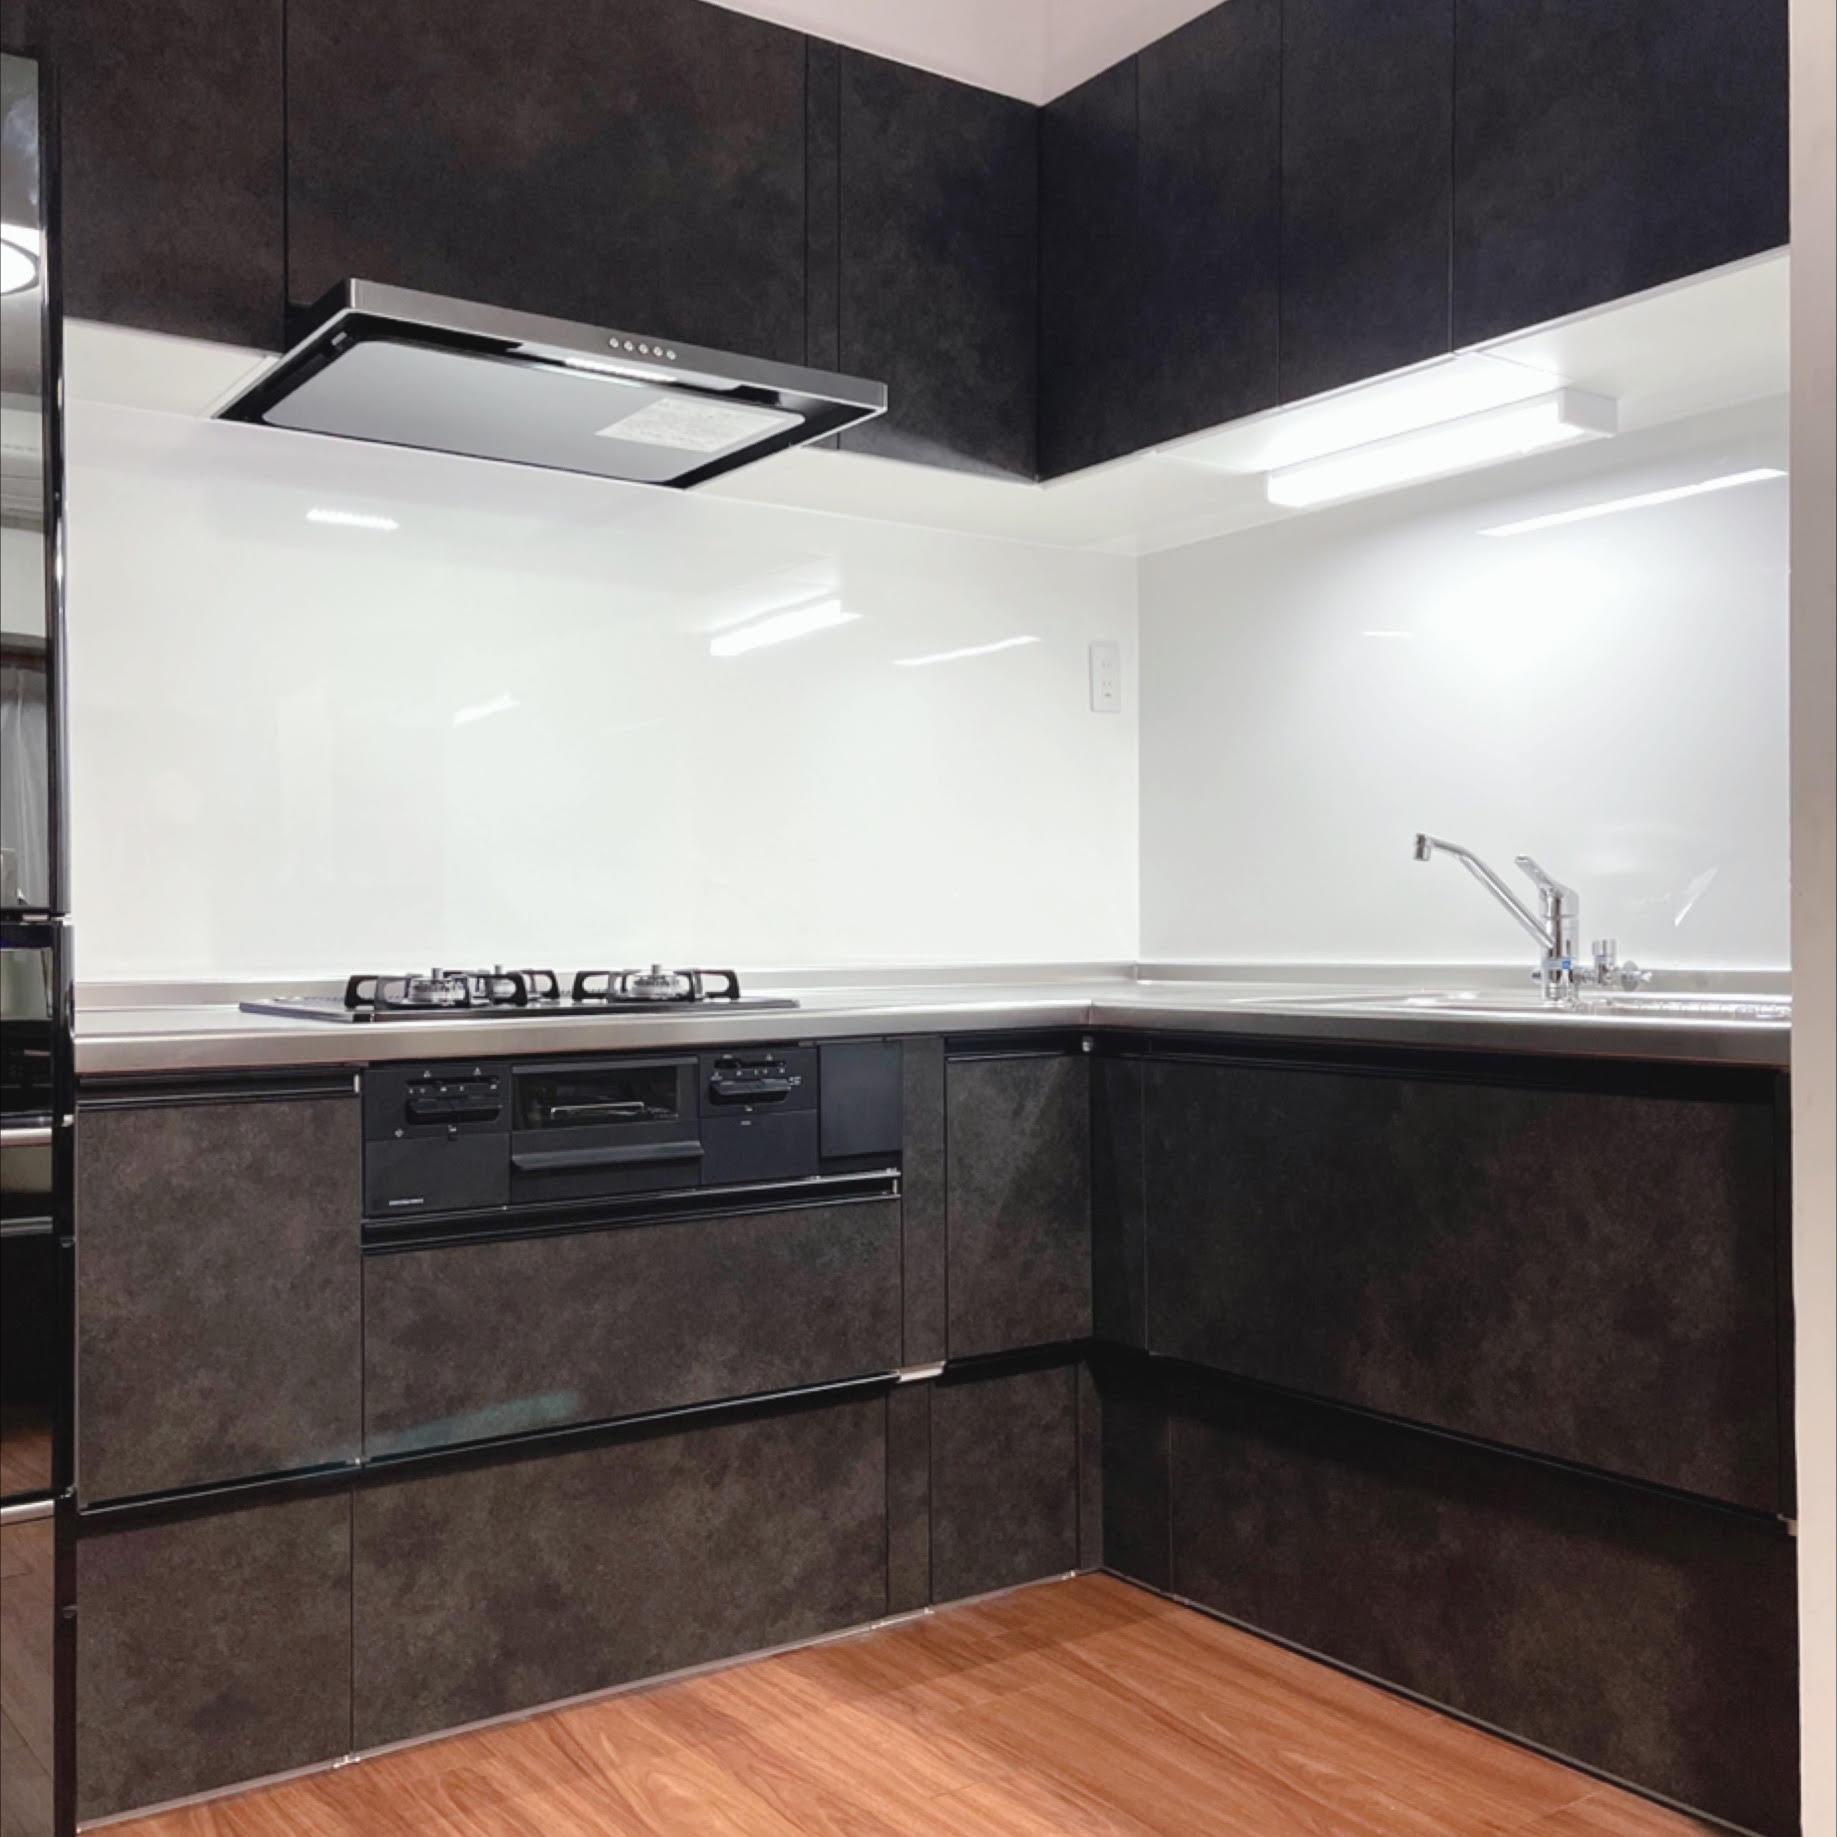 戸建て キッチンリフォーム クリナップ ラクエラの画像